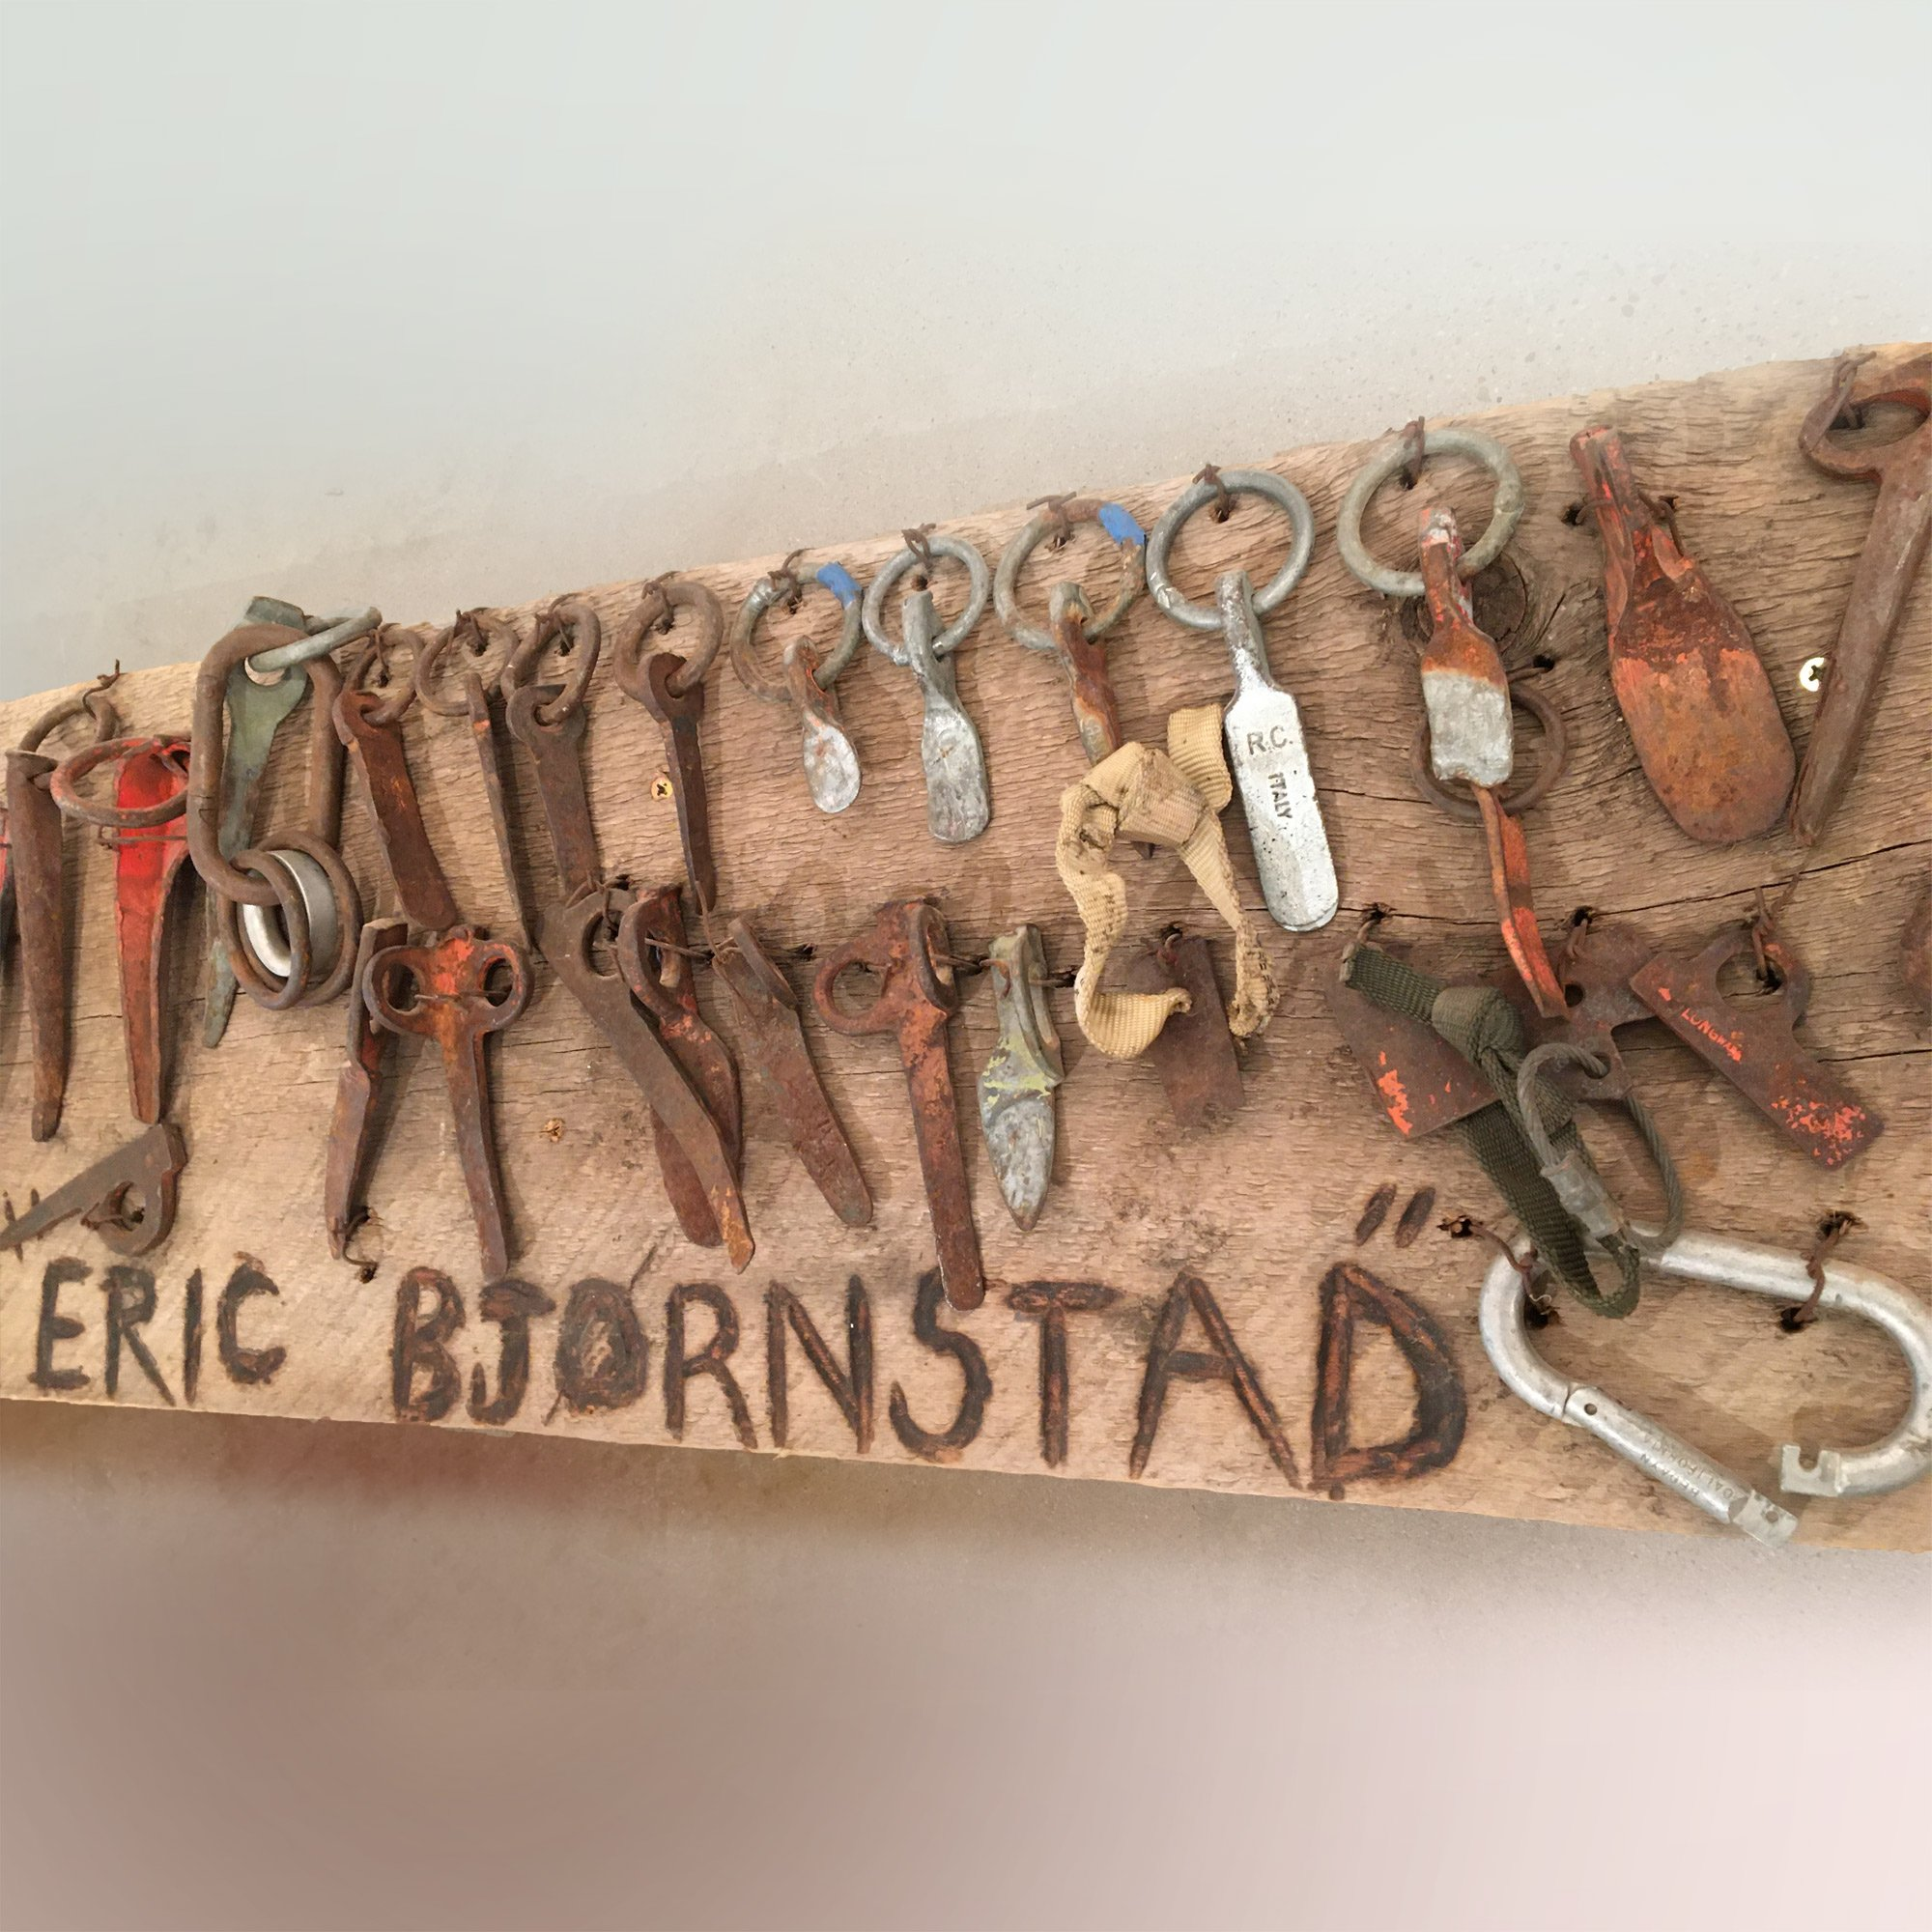 Bjornstad climbing gear